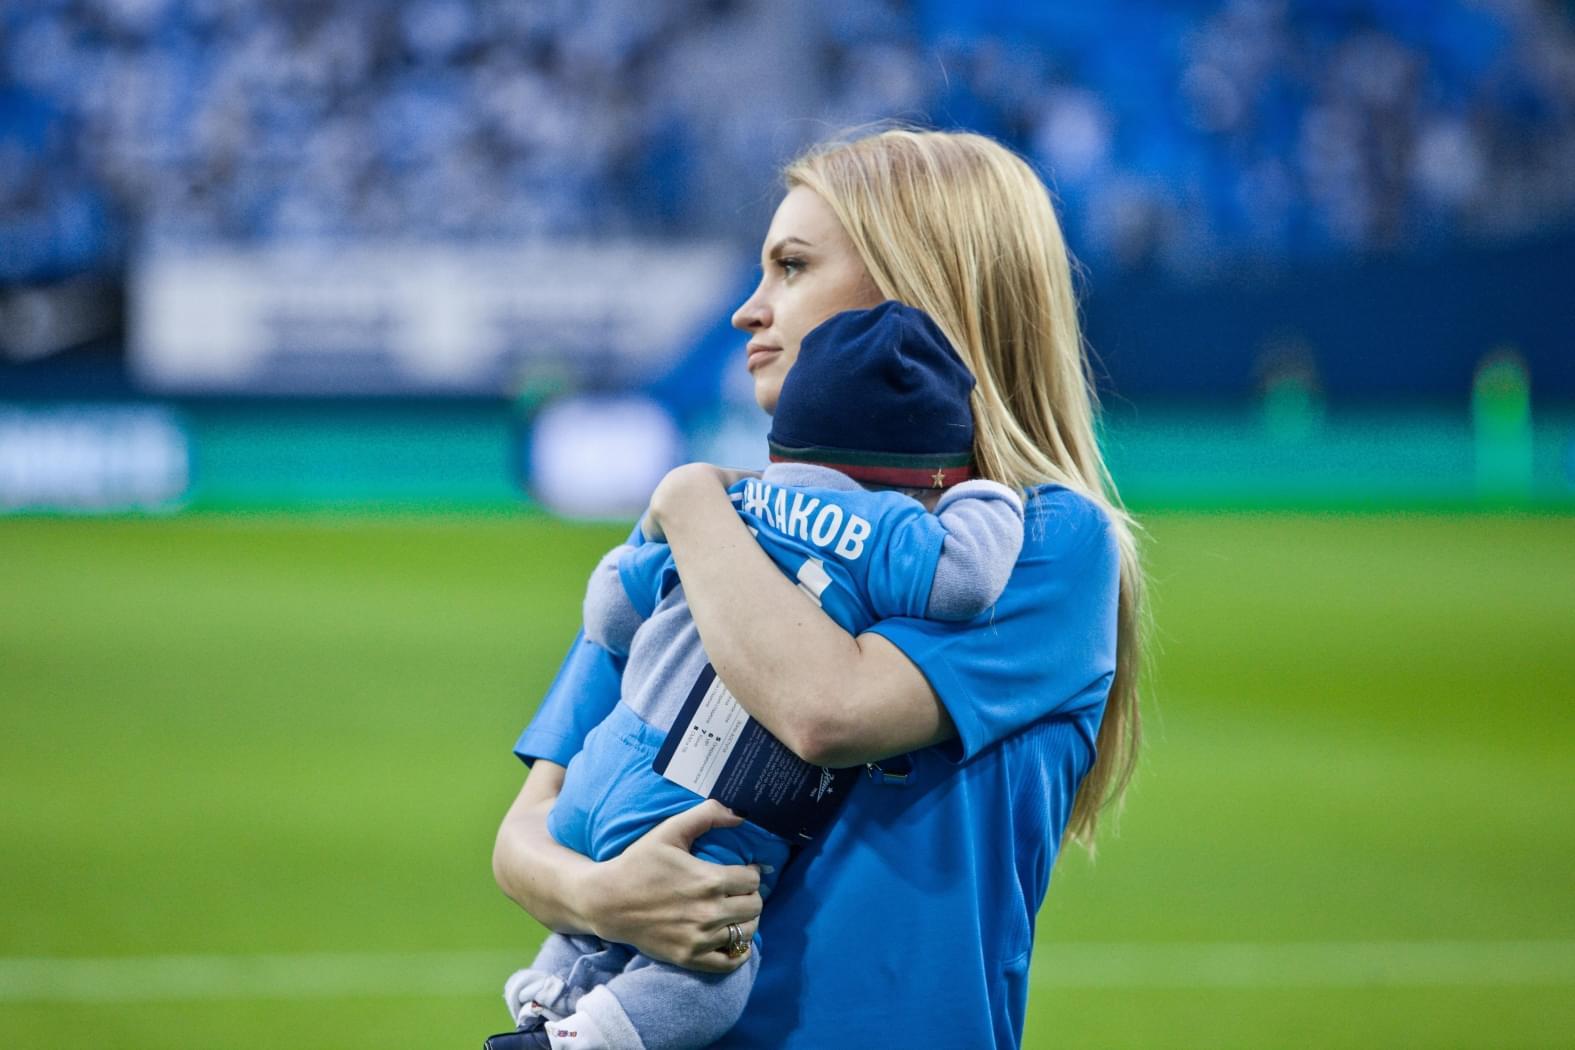 жены футболистов зенита фото сожалению, подобных